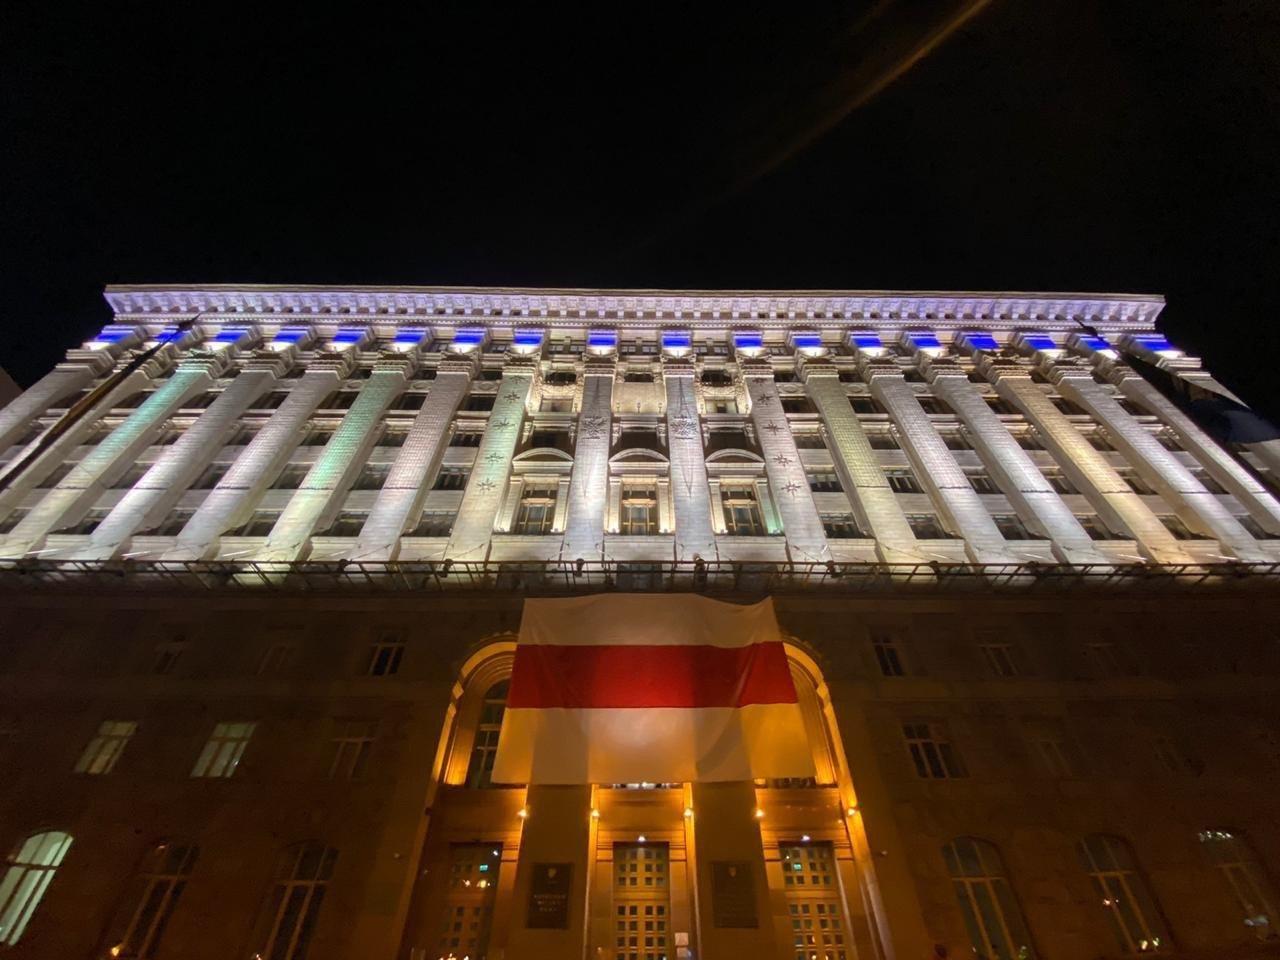 В Киеве на здании КГГА подняли флаг в поддержку Беларуси - ФОТО, фото-1